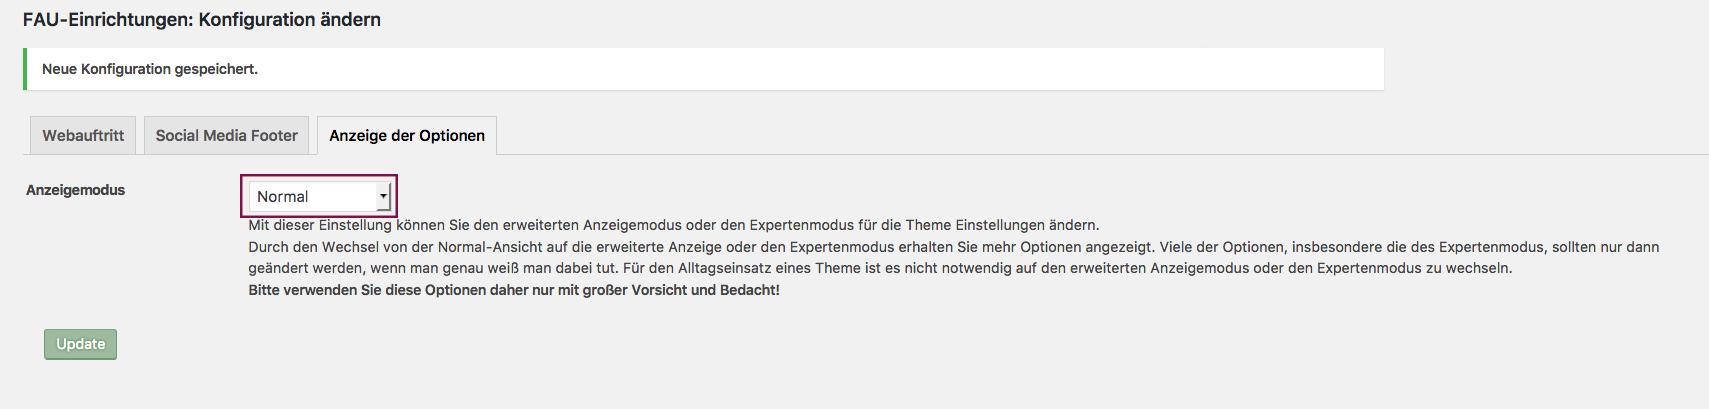 Niedlich ändern Sie Vorlage Wordpress Ideen - Dokumentationsvorlage ...